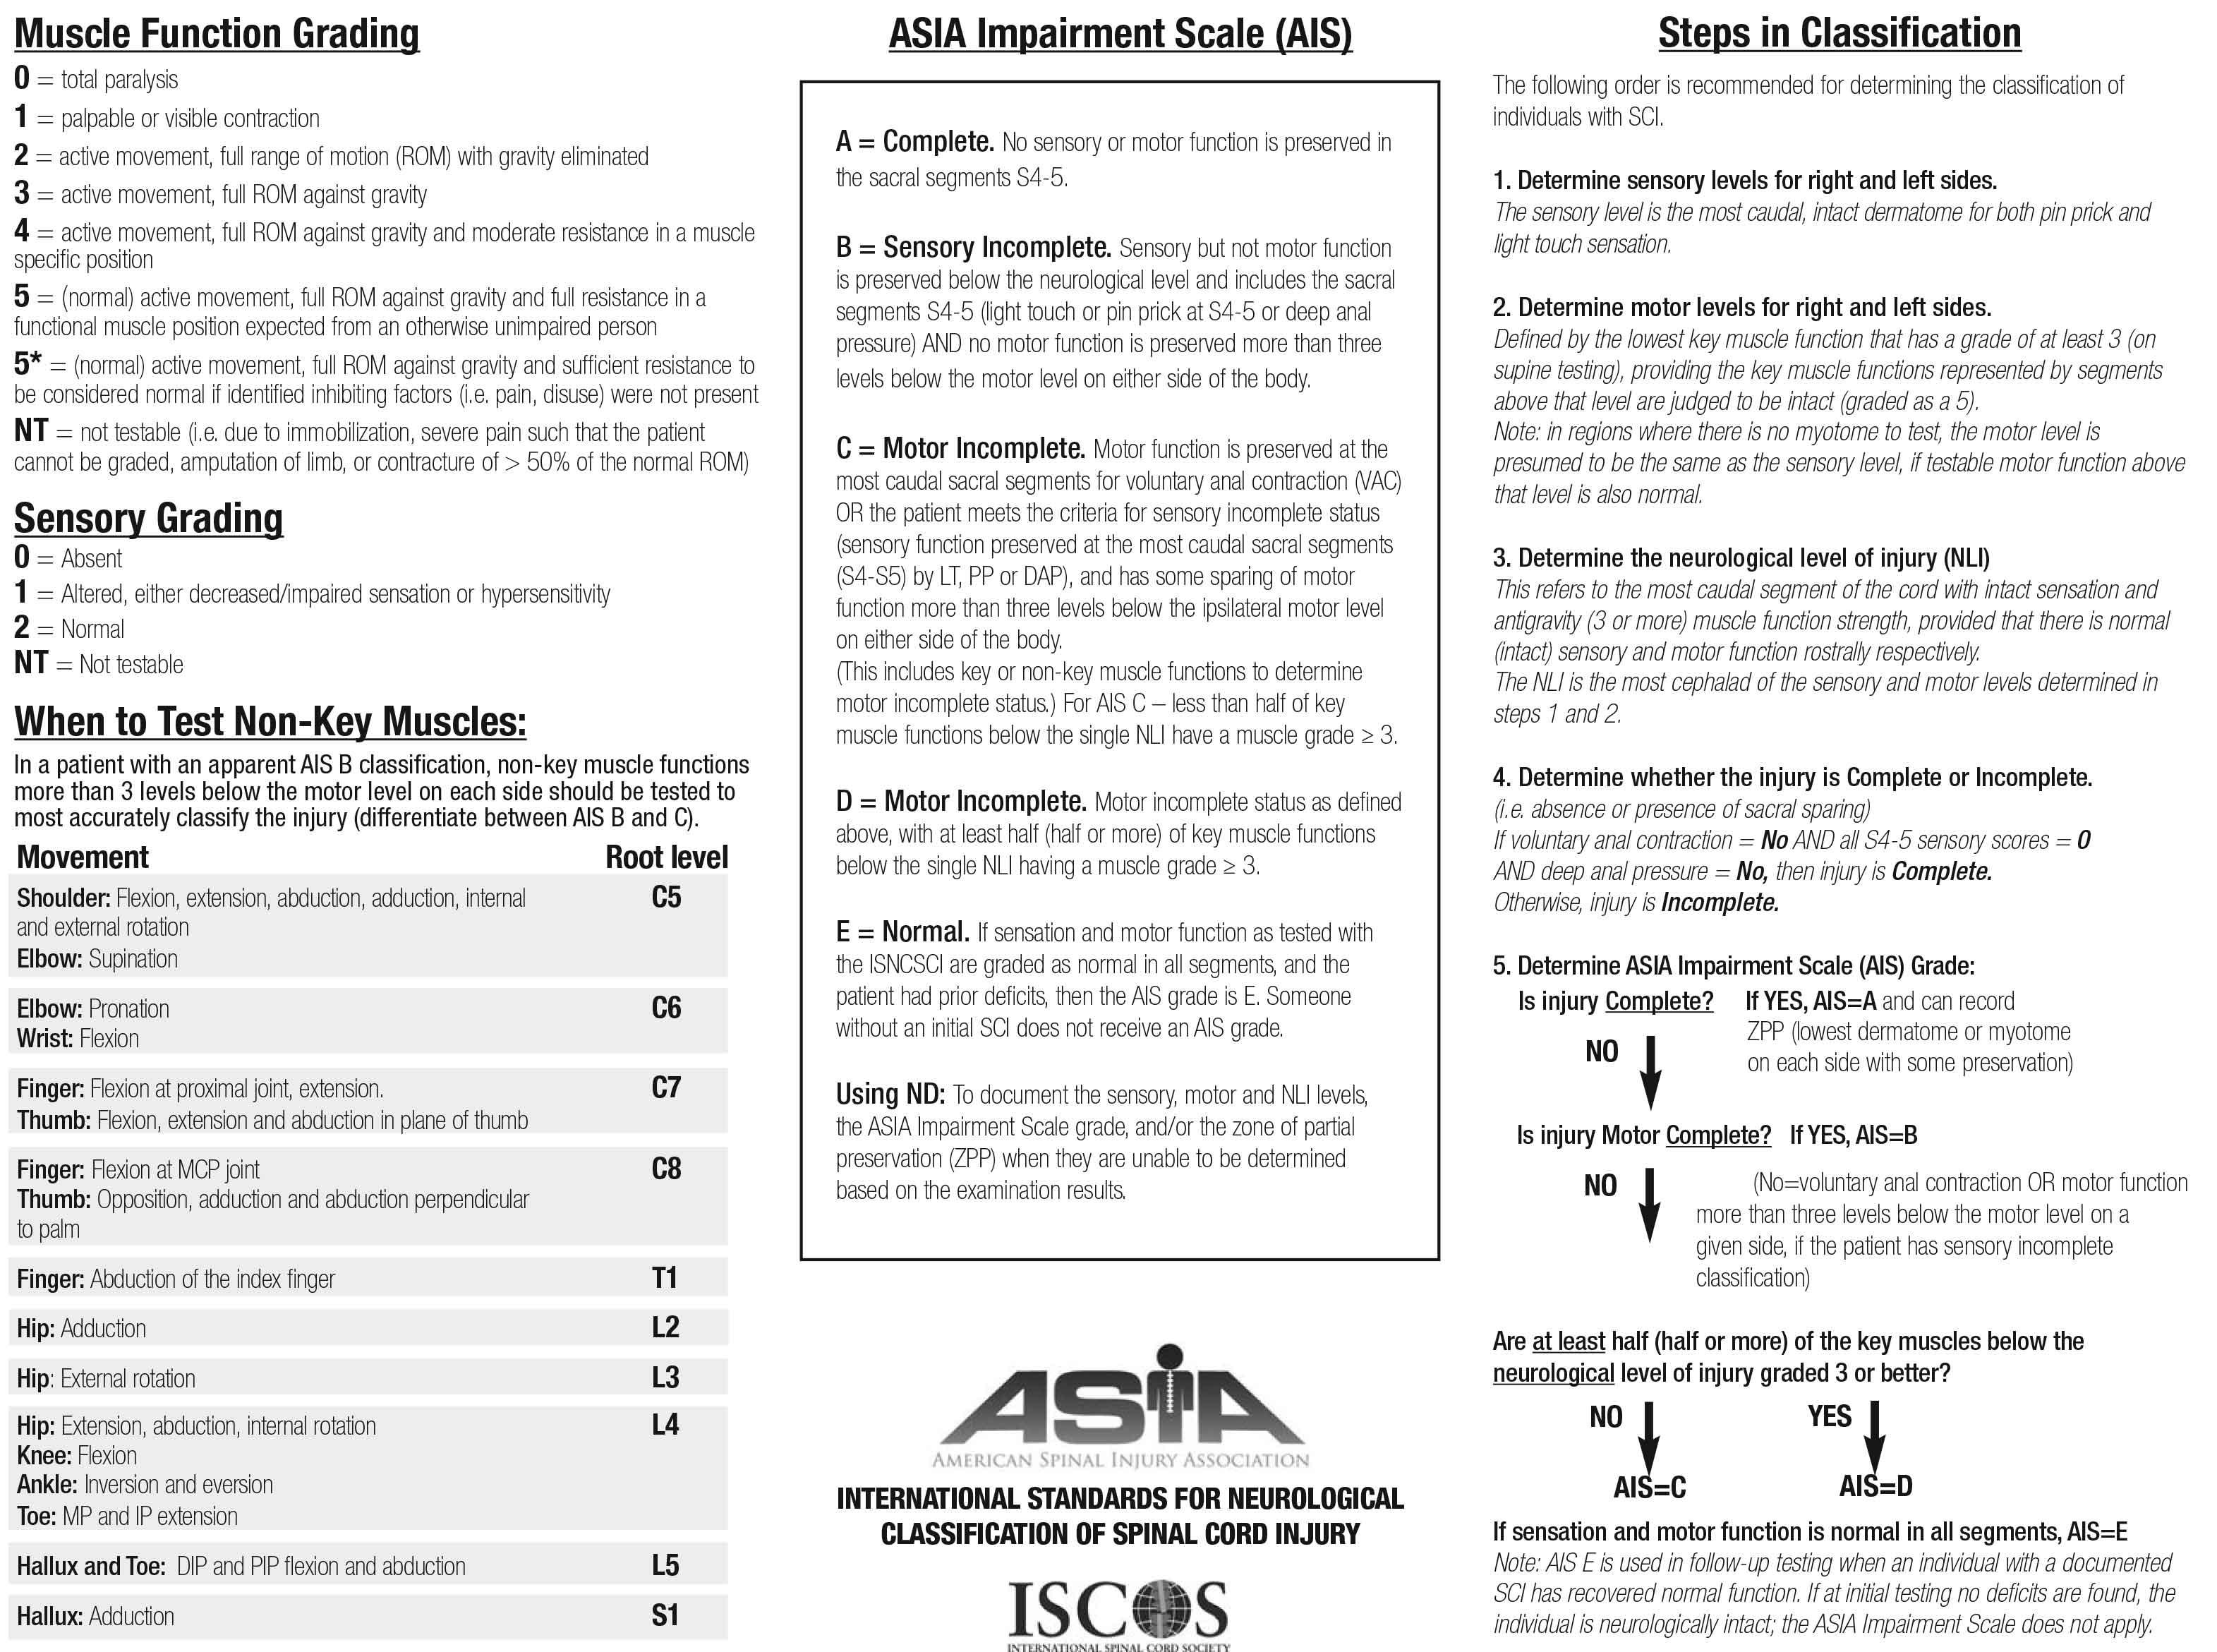 Asia Spinal Cord Injury Worksheet